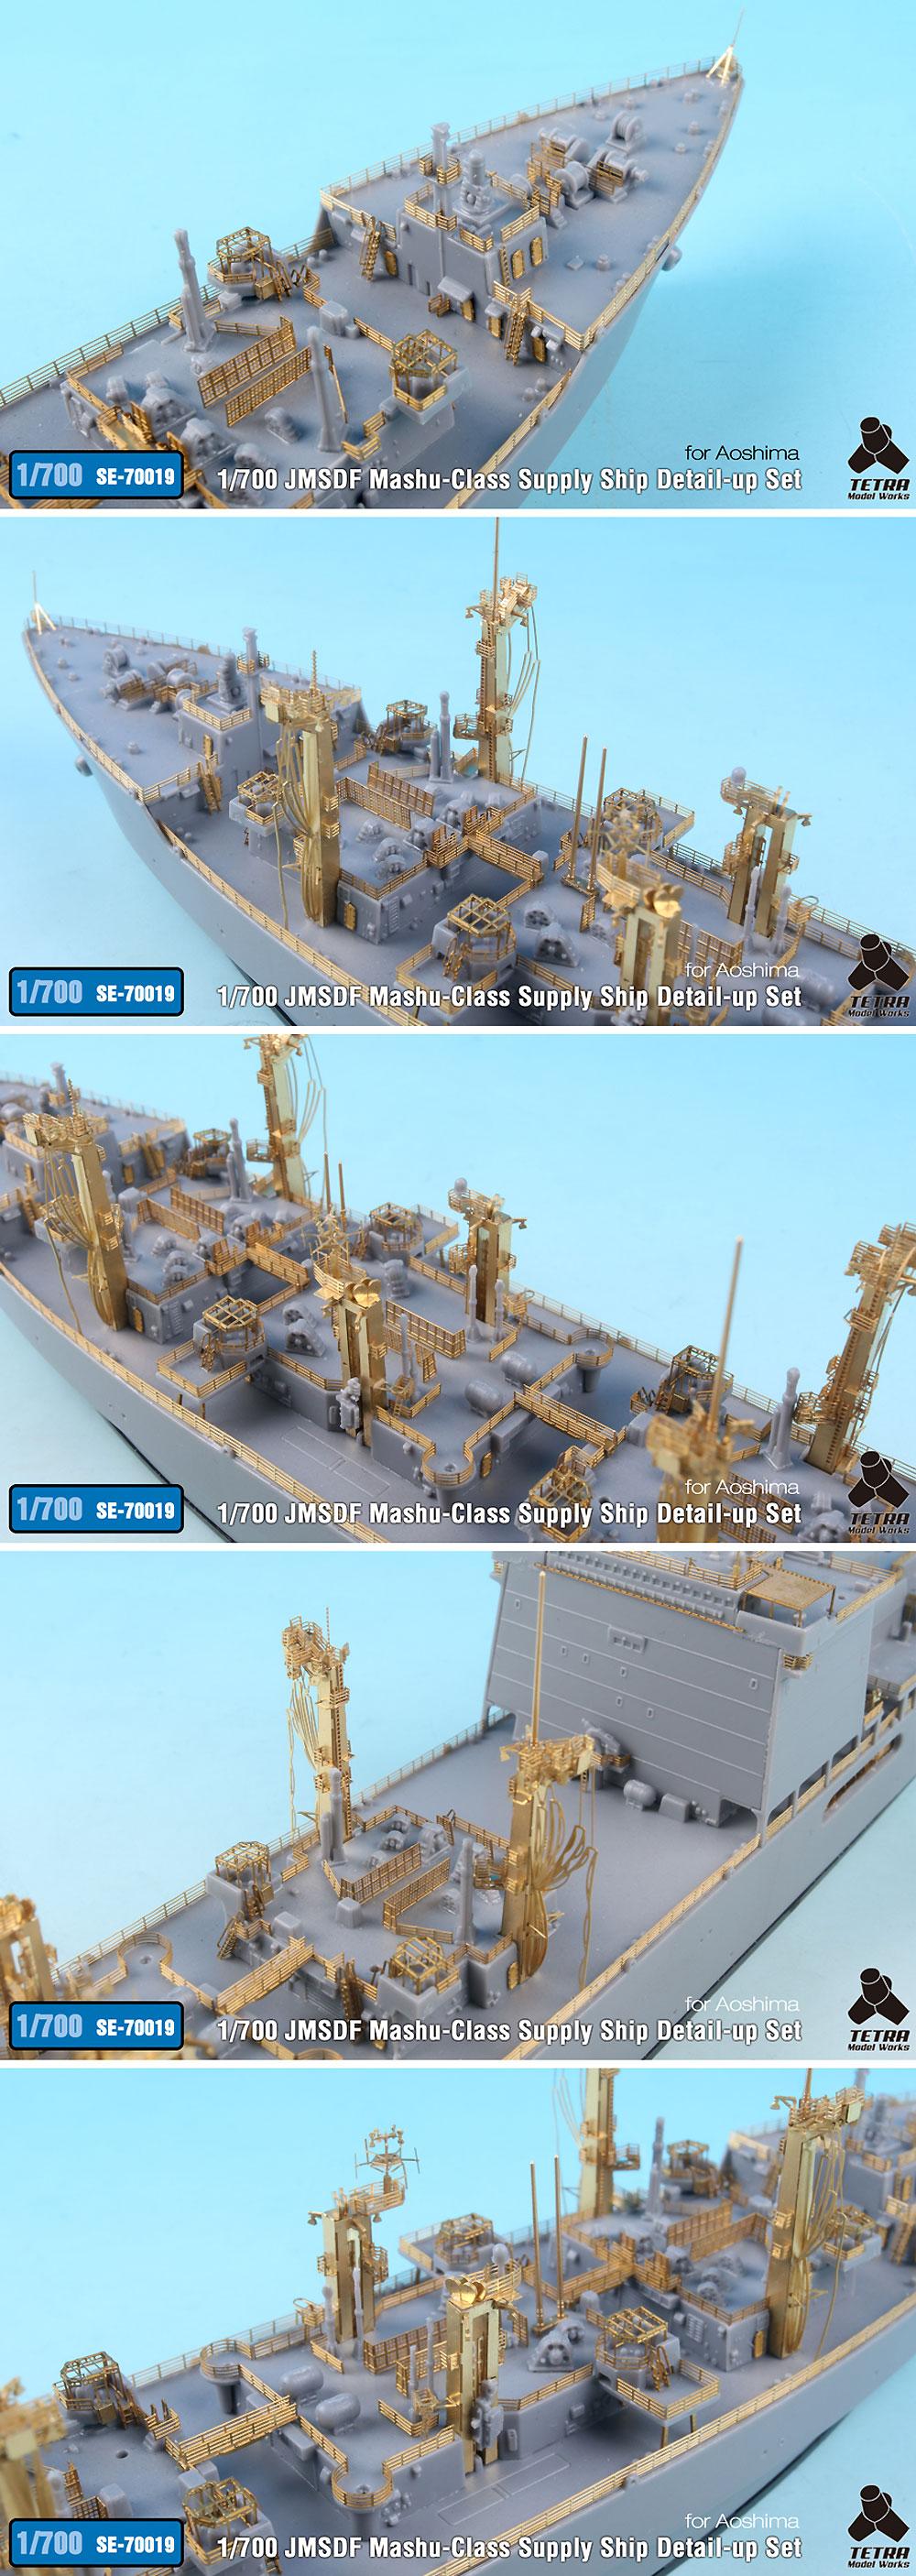 海上自衛隊 ましゅう級補給艦 ディテールアップセット (アオシマ用)エッチング(テトラモデルワークス艦船 アクセサリーパーツNo.SE-70019)商品画像_3